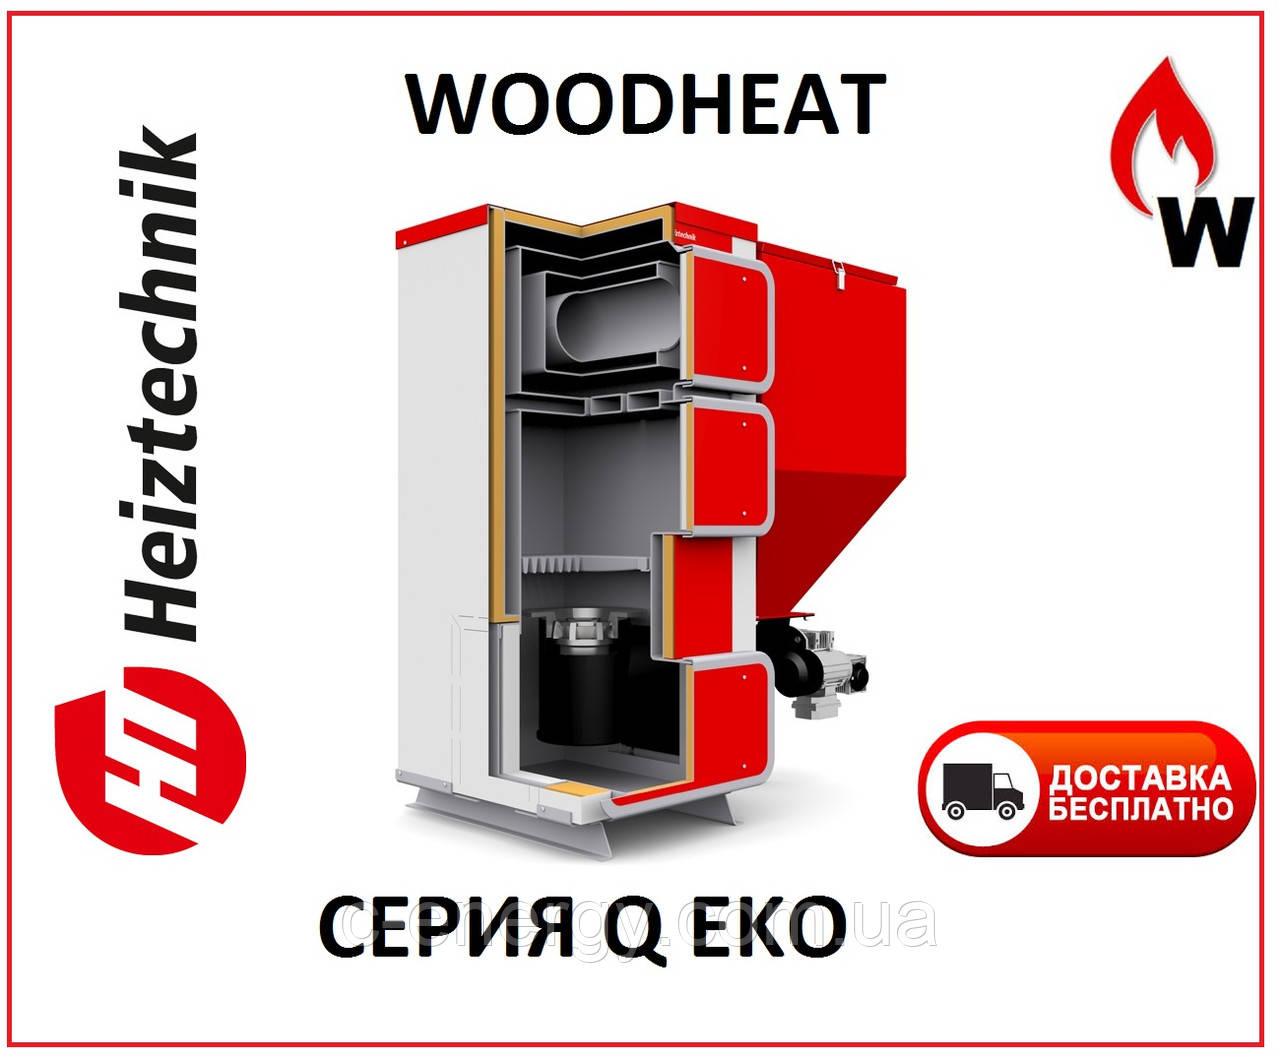 Котел пеллетный  Heiztechnik Q Eko 45 кВт (Польша) - WOODHEAT в Днепре